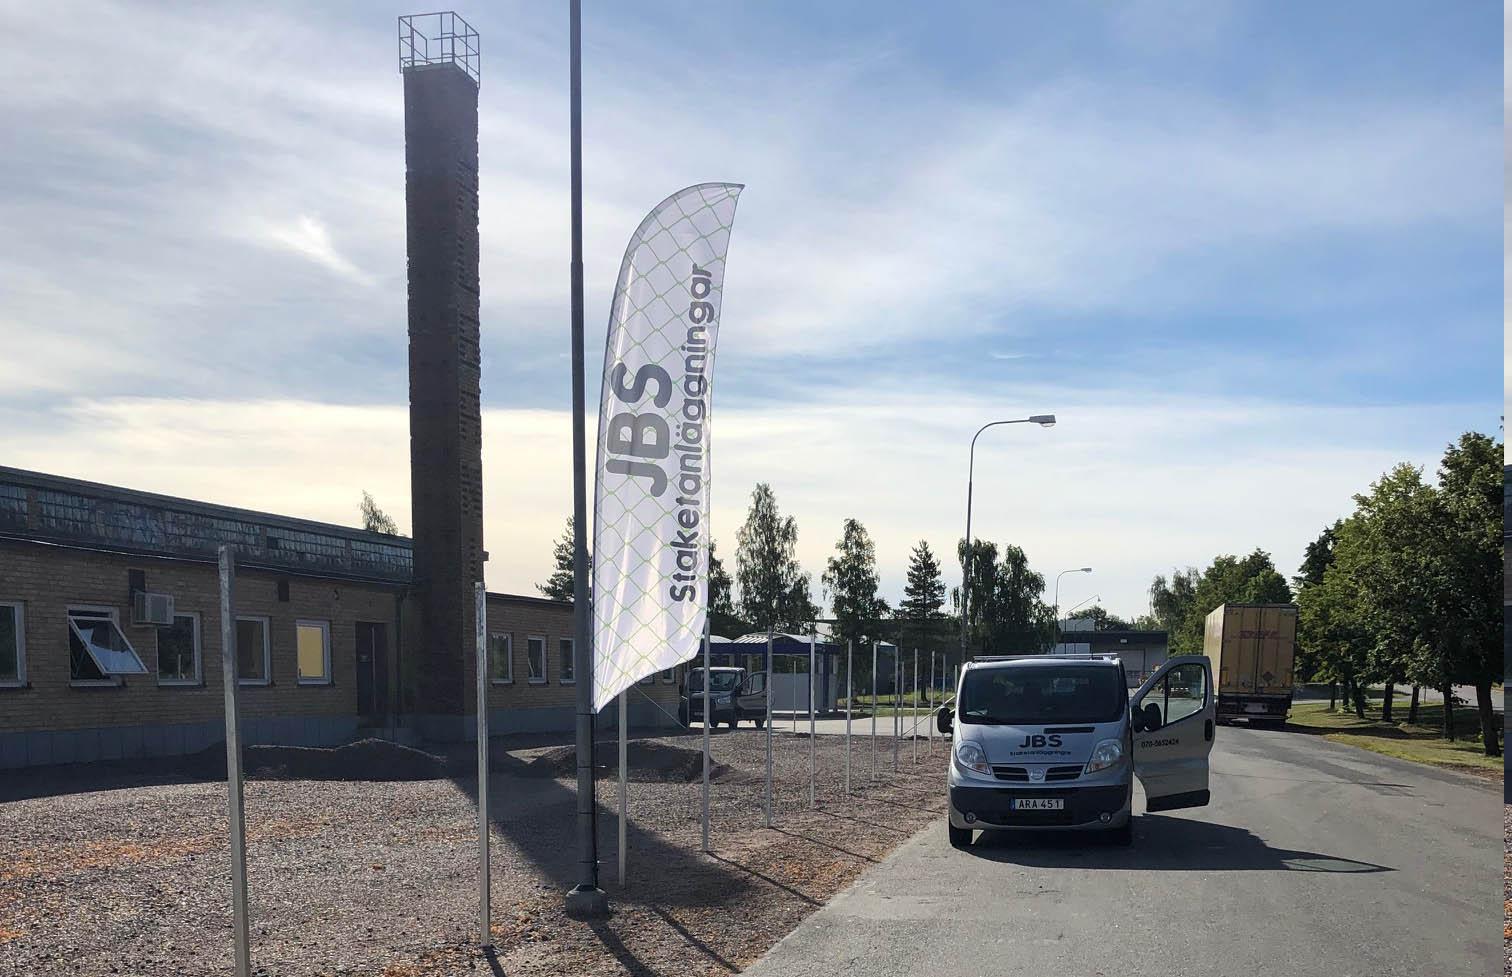 Företagsbil på gata. Till vänster om gatan finns en byggnad, staketstolpar och en flagga med företagsnamnet.